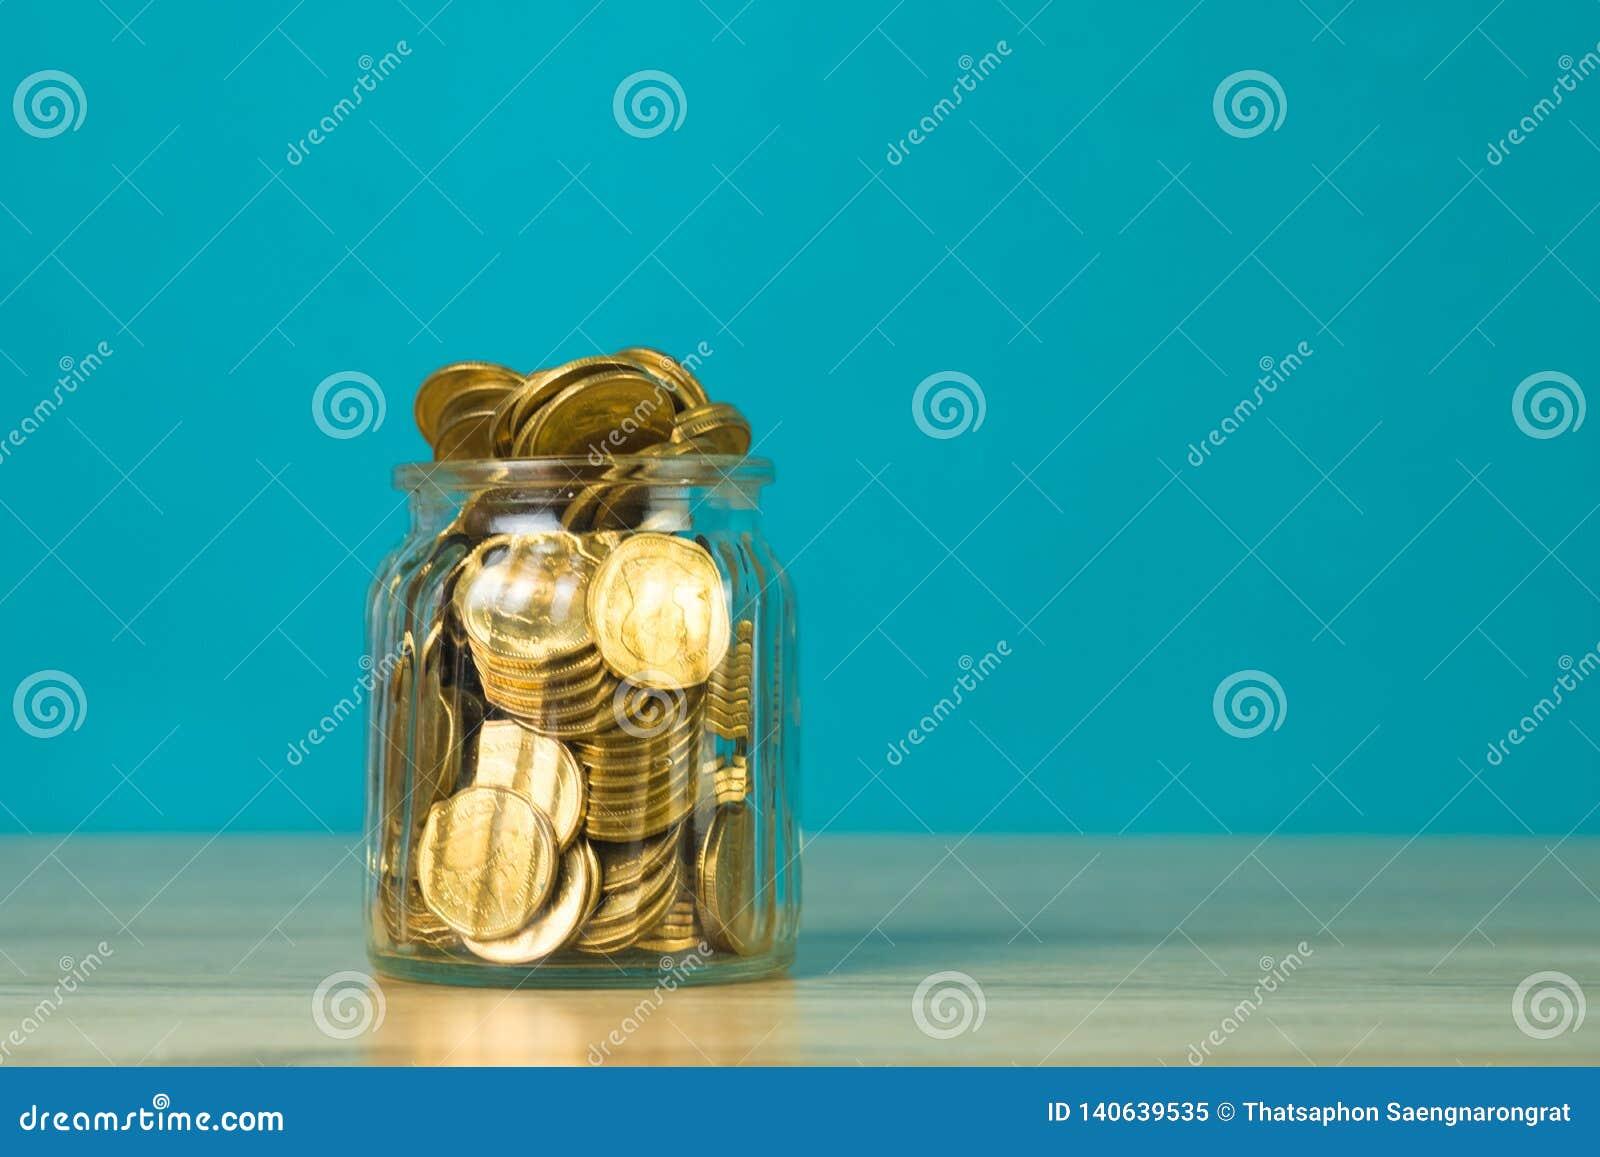 Menniczy pieniądze w szklanym słoju na stole z zielonym tłem, ratować finansowego pojęcie dato che deponować pieniądze,